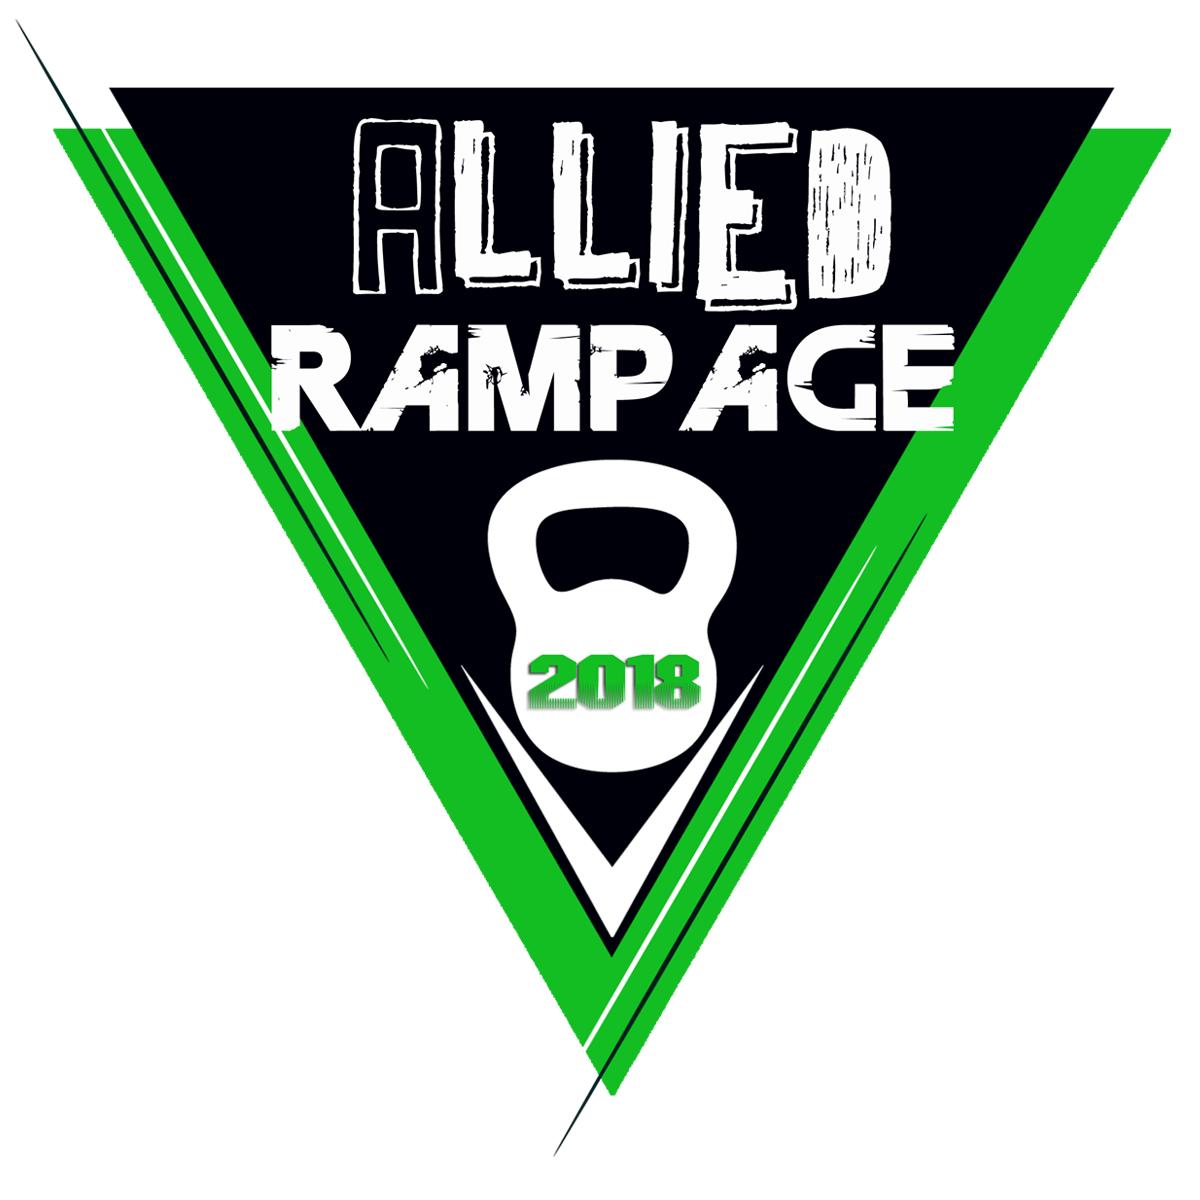 Allied Rampage 2018